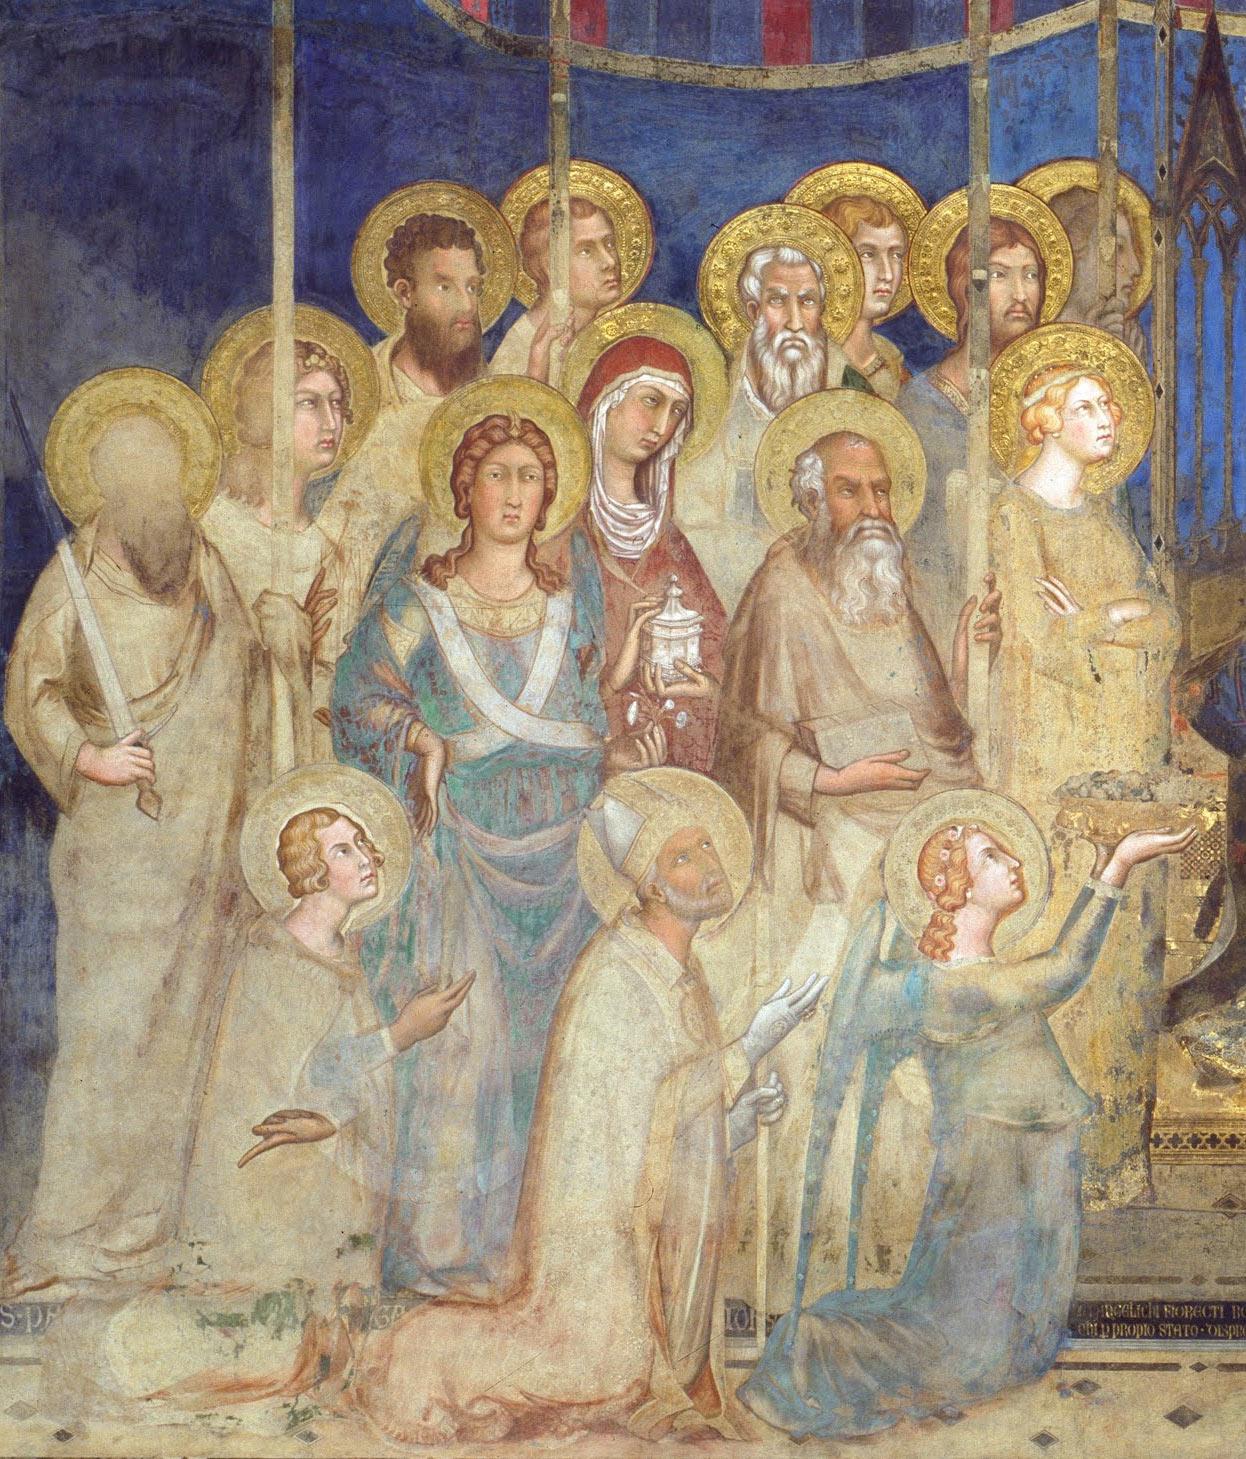 Il gruppo di angeli e santi a destra della Vergine. Partendo dal basso, prima fila: sant'Ansano, san Savino, un angelo. Seconda fila: san Paolo, san Michele, san Giovanni Evangelista. Terza fila: Uriel, santa Maria Maddalena, sant'Orsola. Quarta fila: san Bartolomeo, san Matteo, san Giacomo minore.